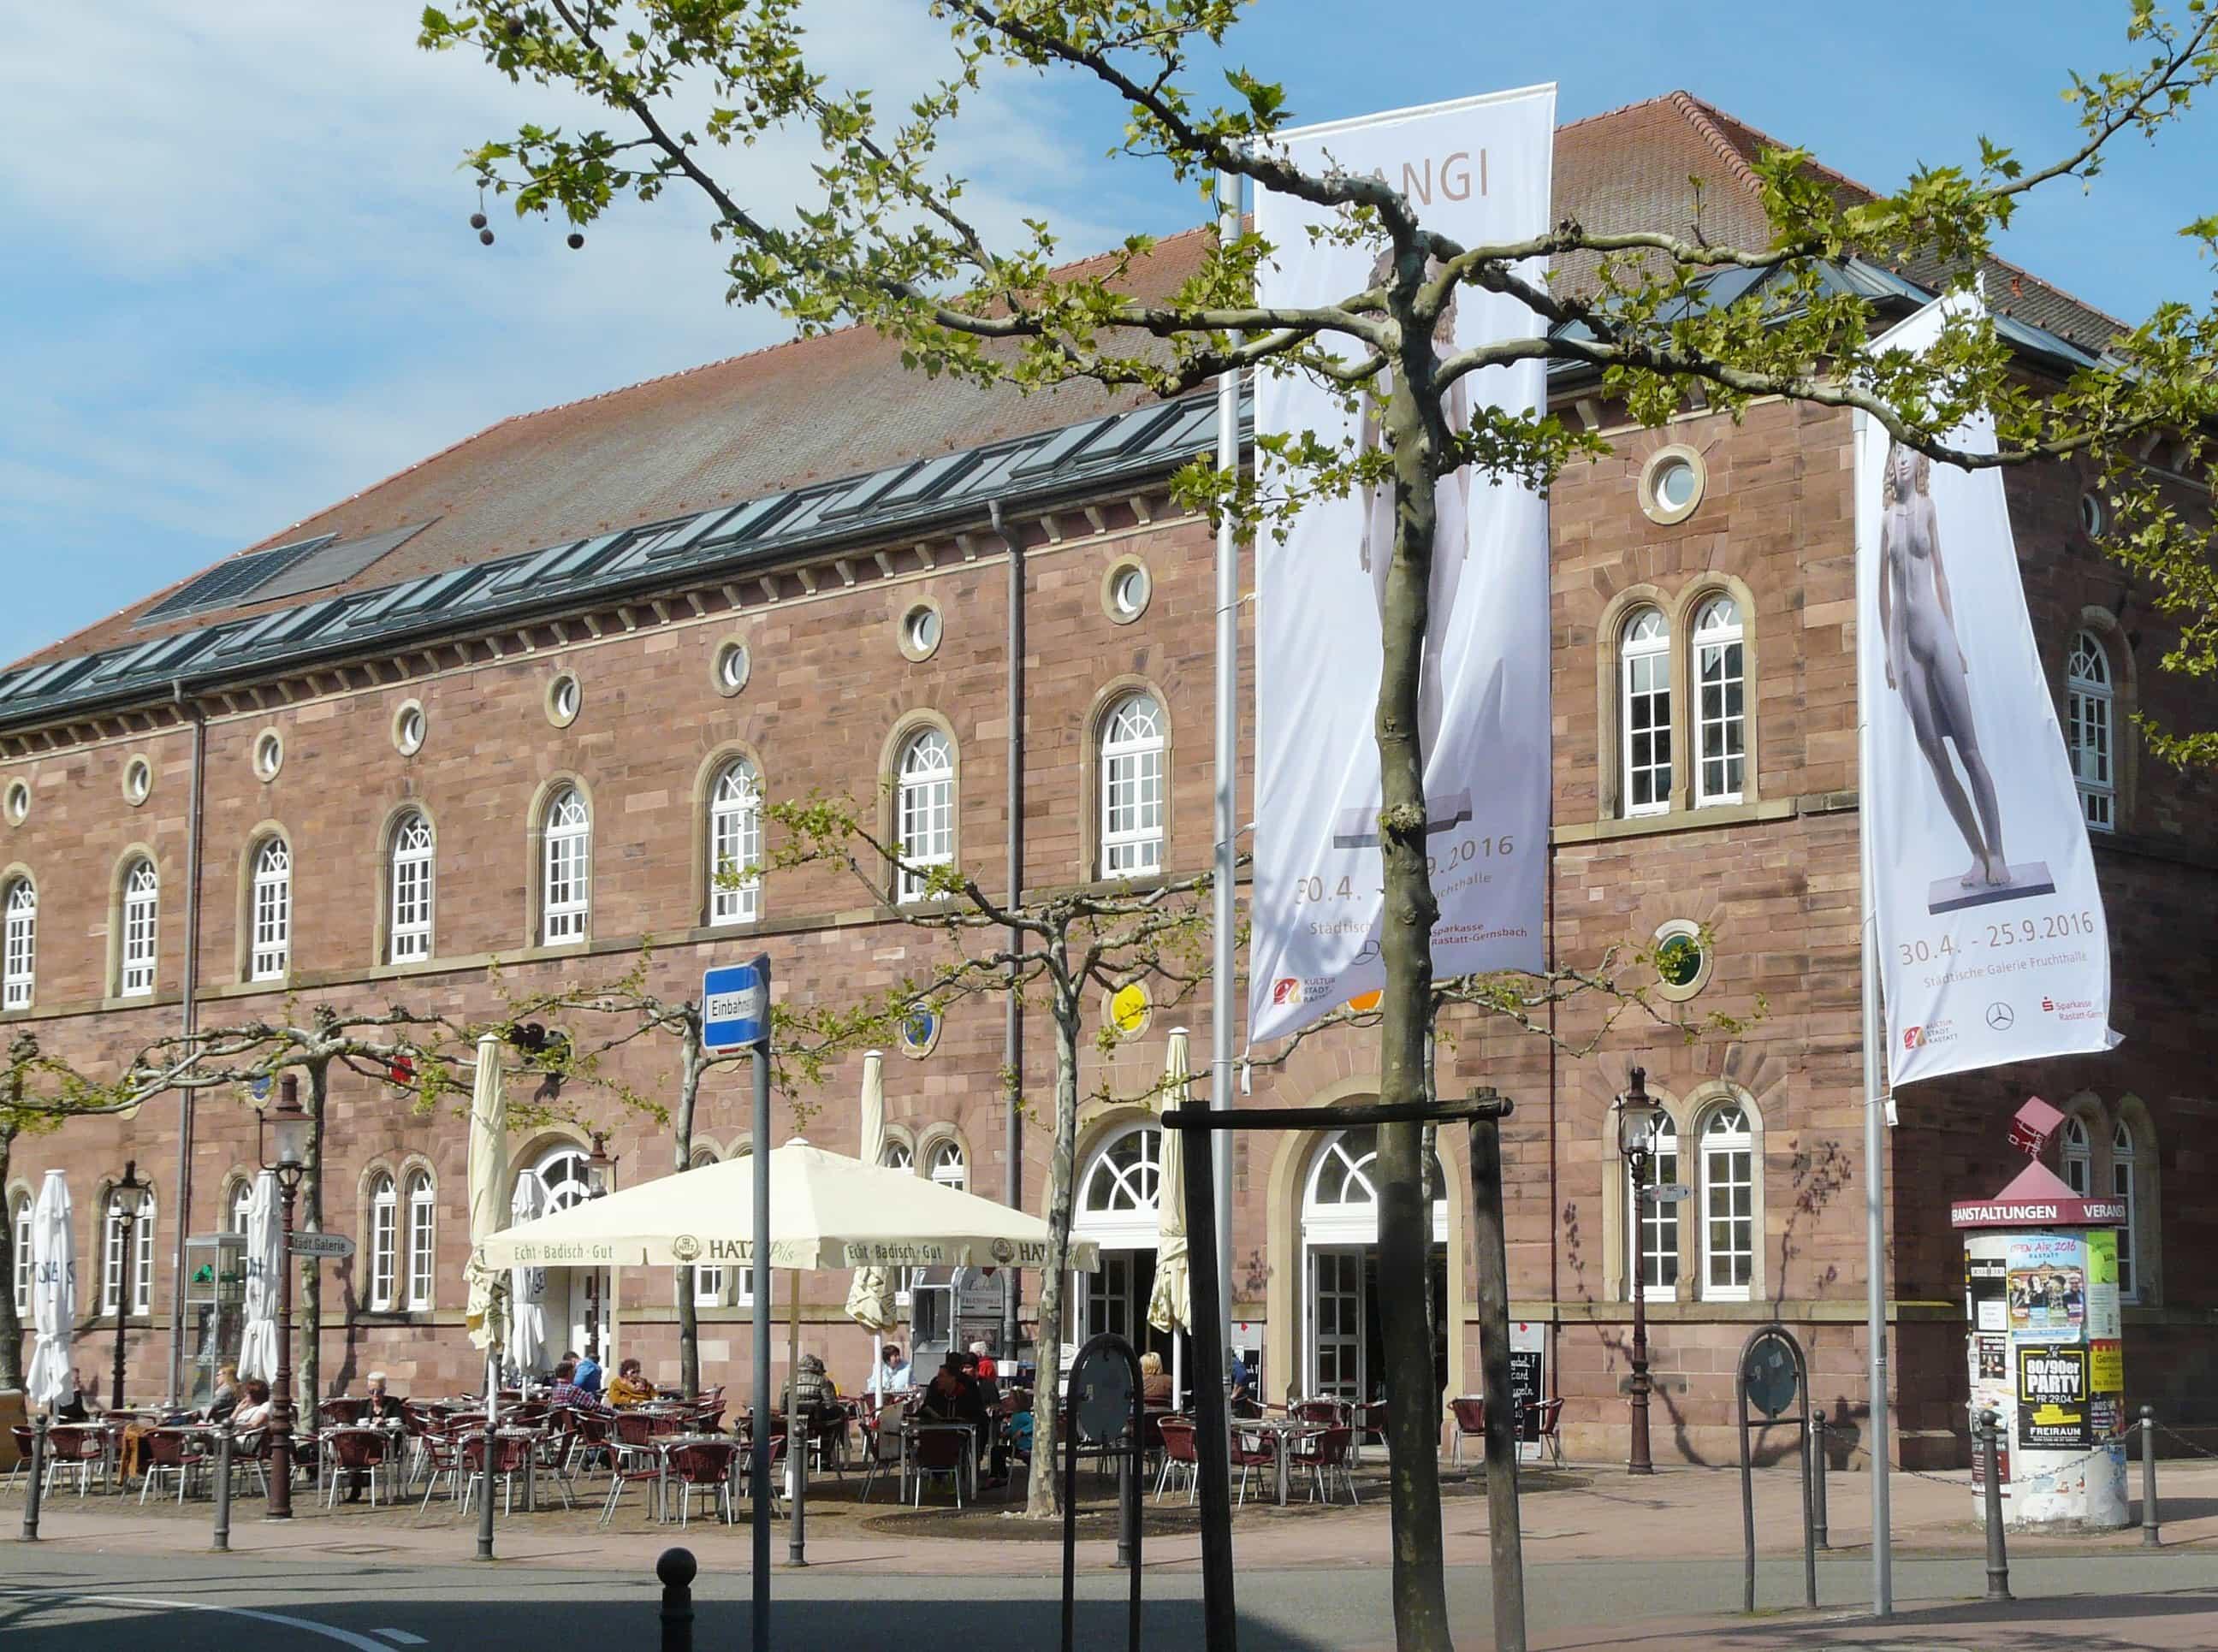 Städtische Galerie Fruchthalle Rastatt